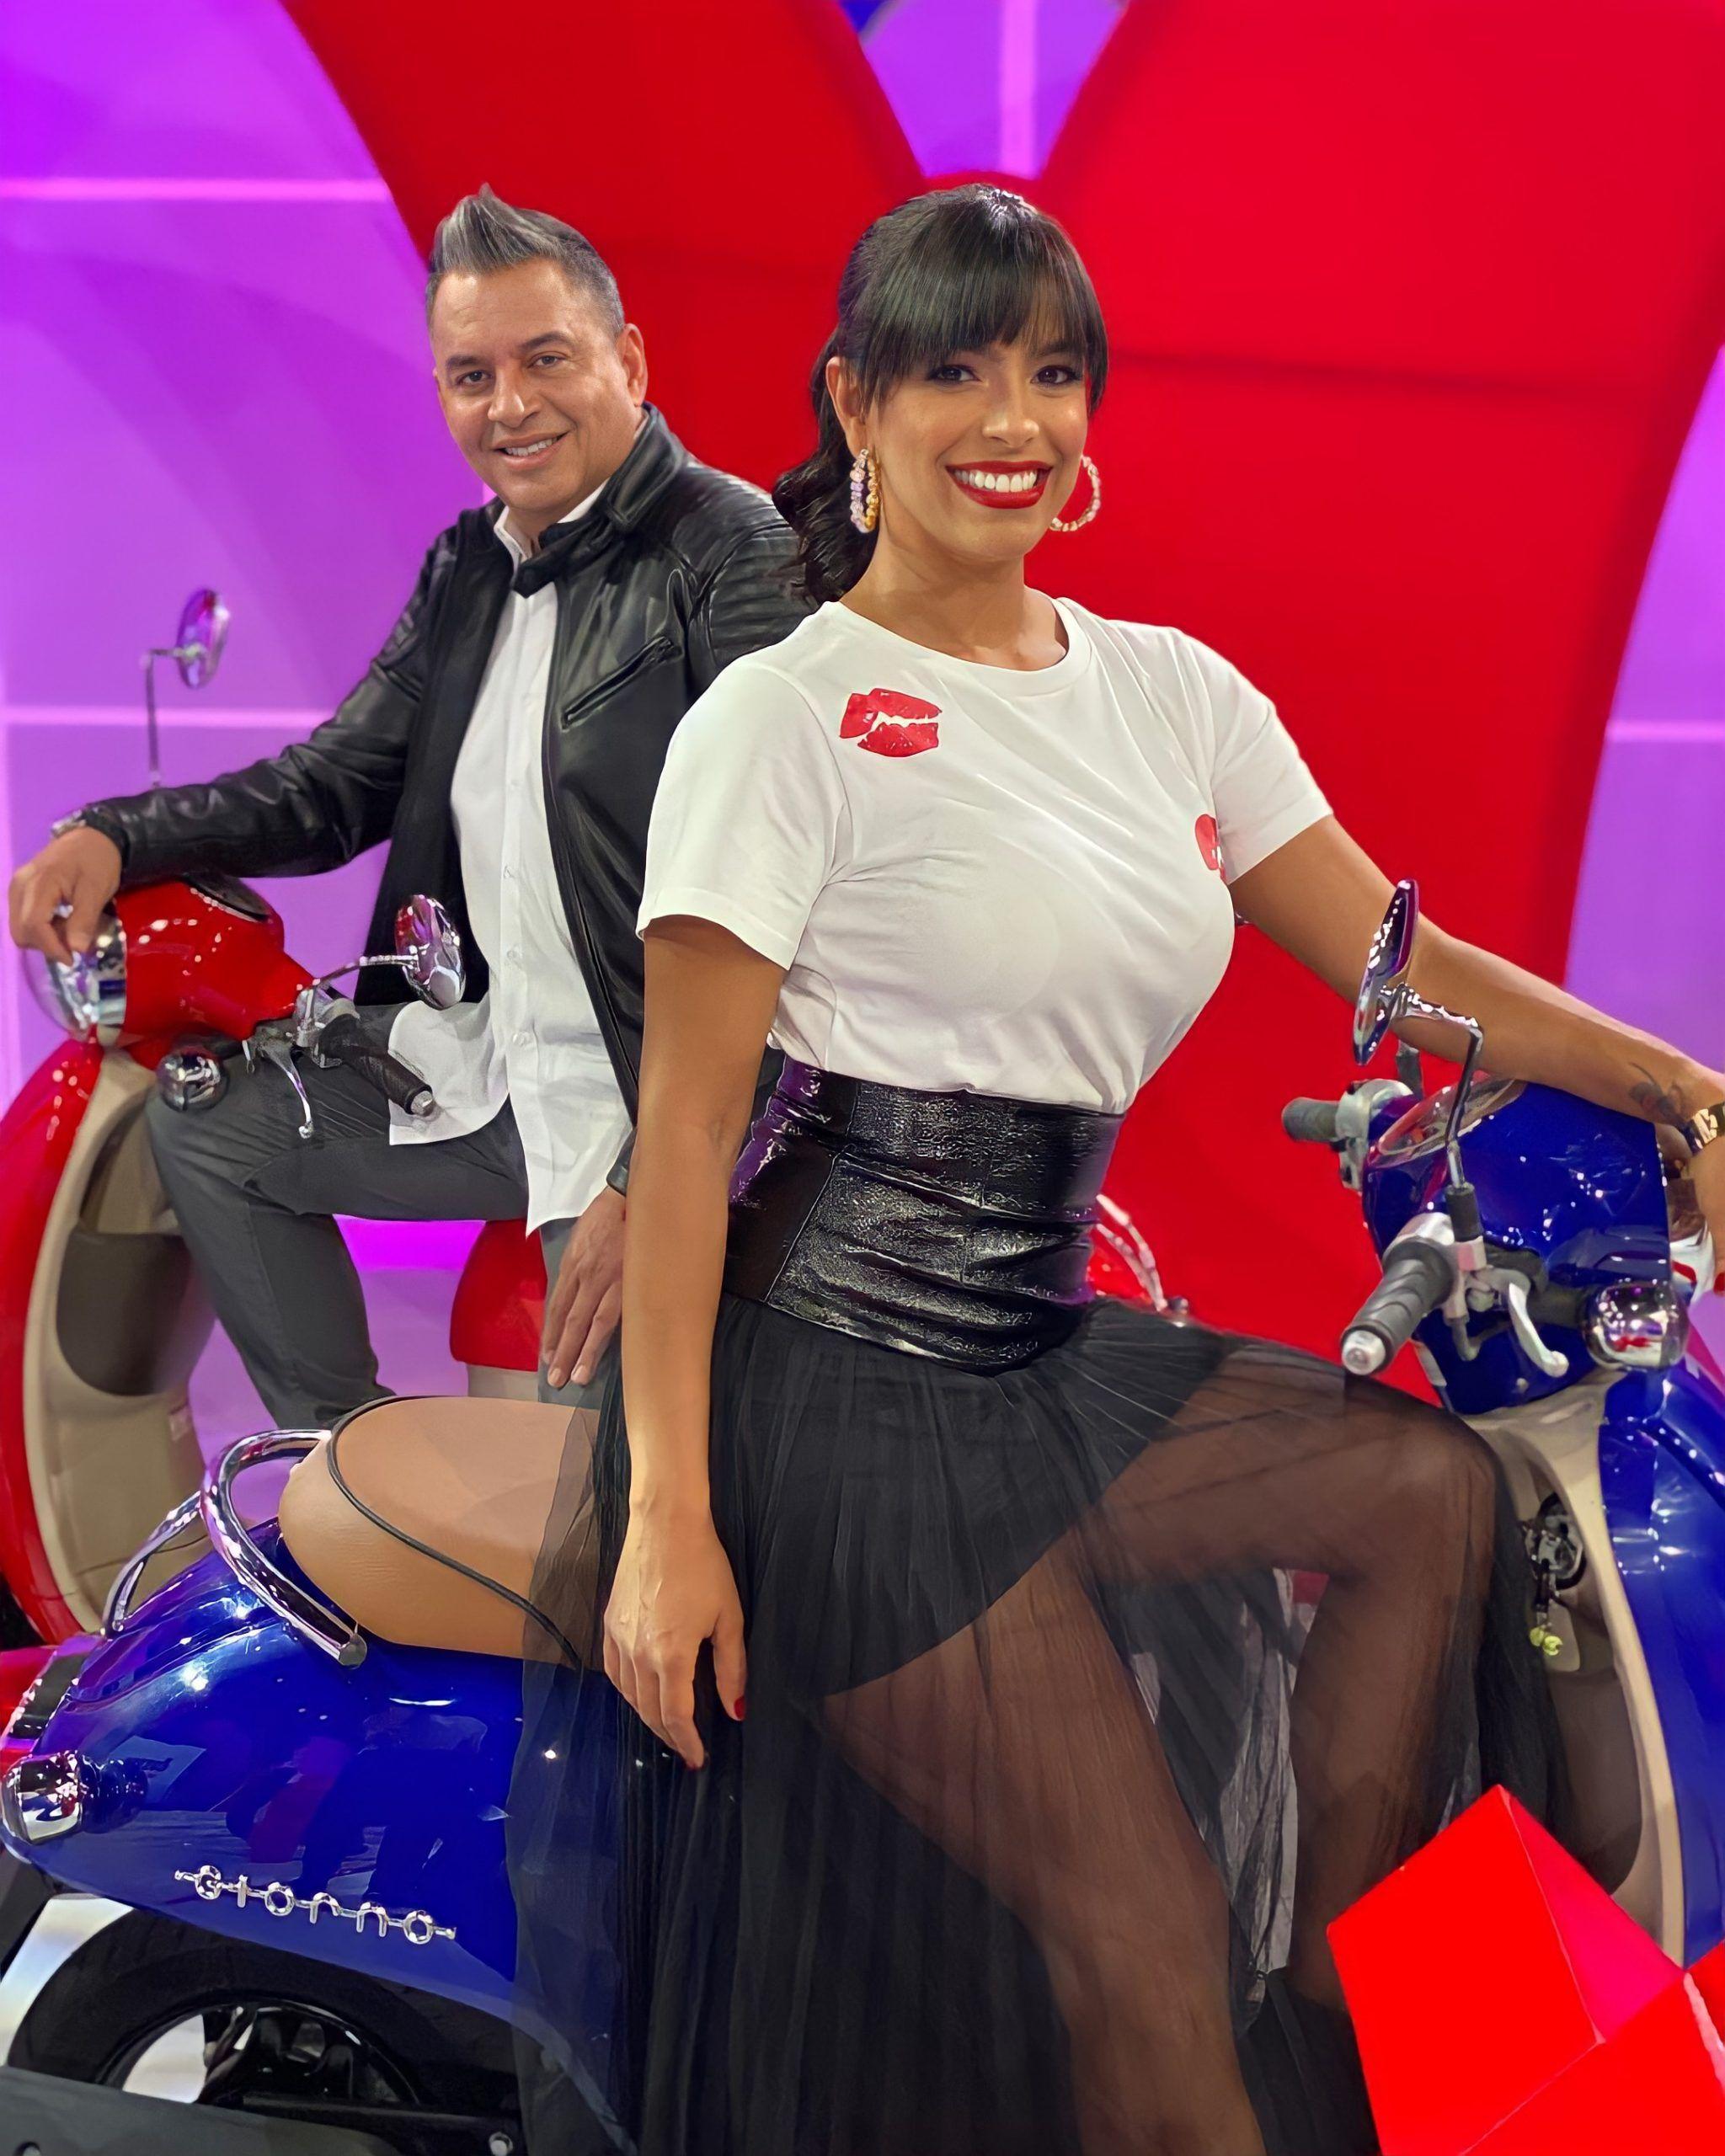 El programa con la conducción de Daniel Sarcos y Lizbeth Santos estrenará su segunda temporada este sábado 21 de noviembre al mediodía.